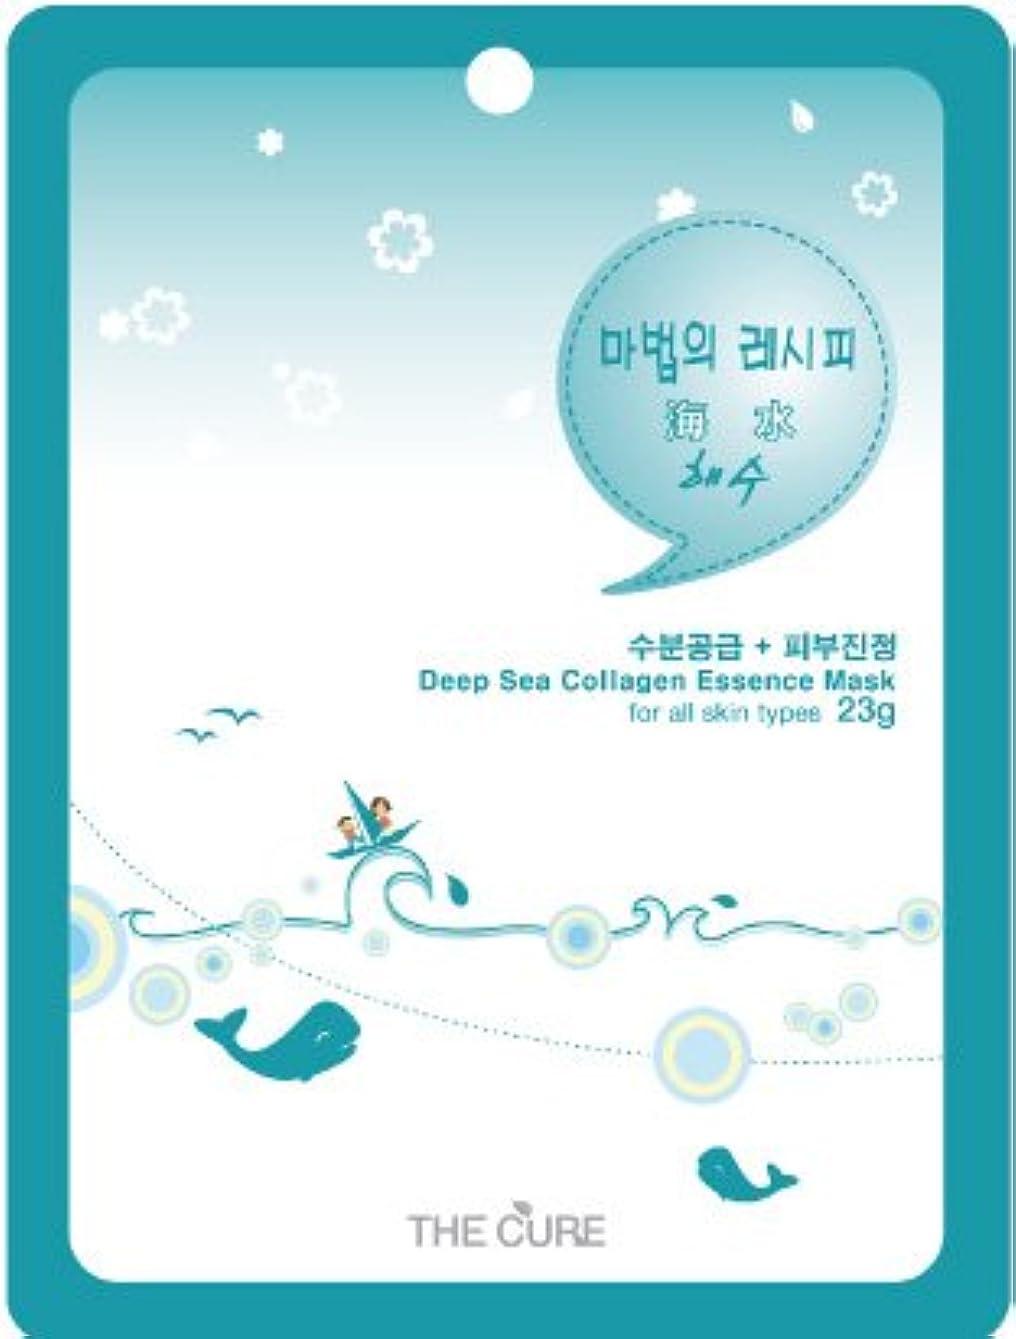 建築時計スタイル海水 コラーゲン エッセンス マスク THE CURE シート パック 10枚セット 韓国 コスメ